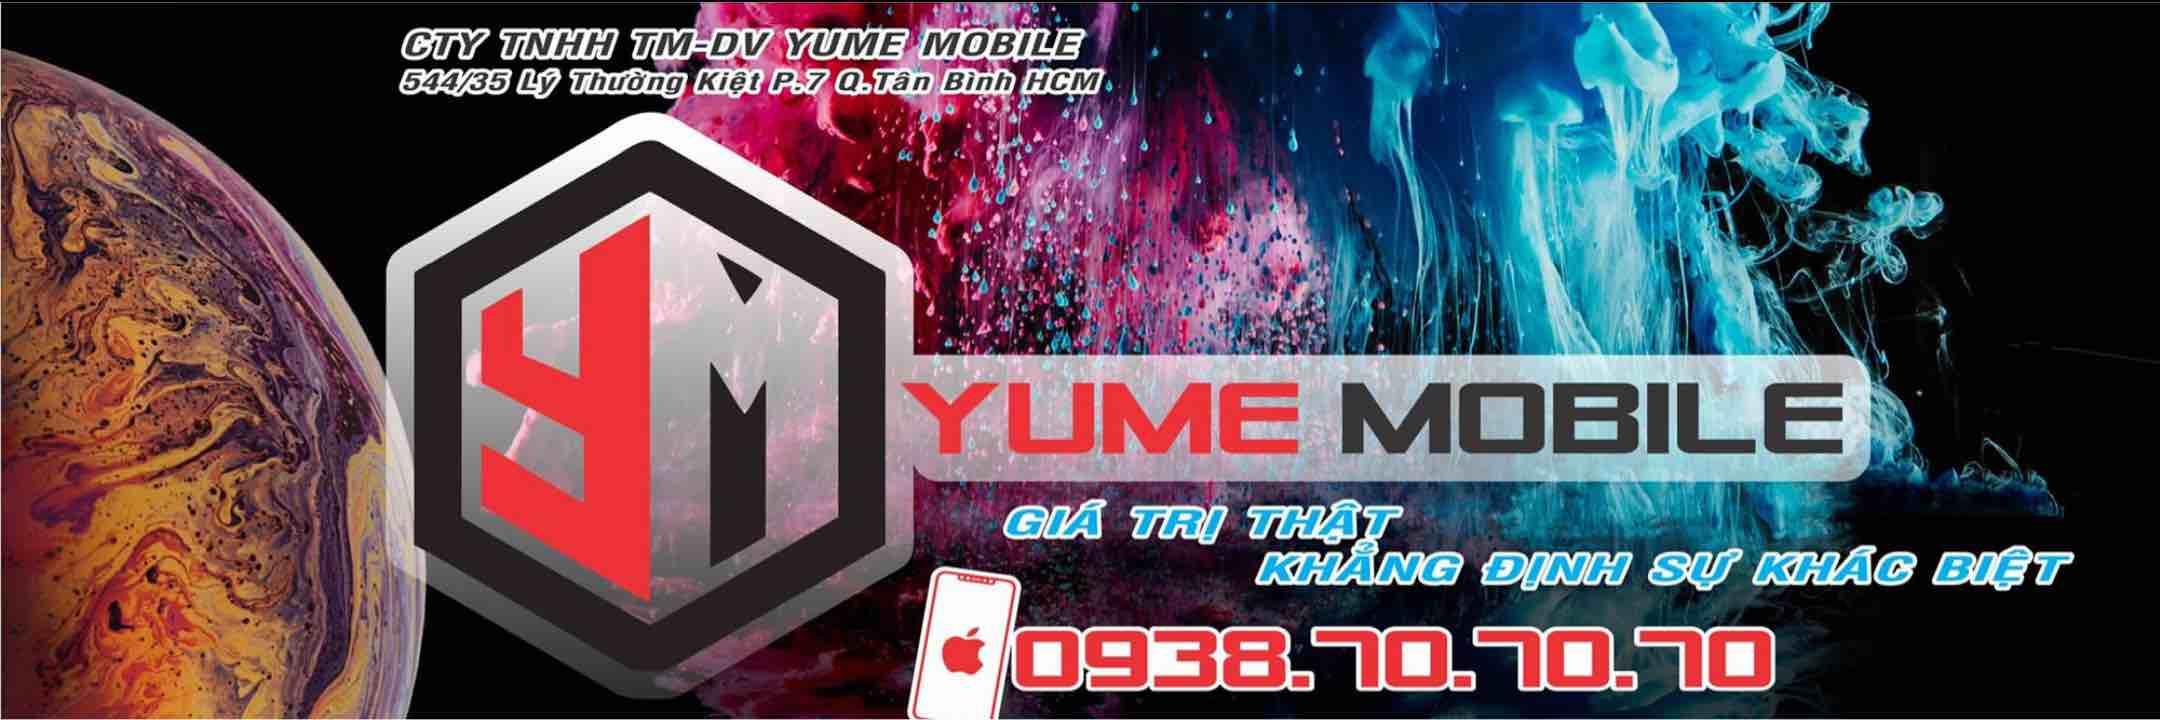 Yume Mobile